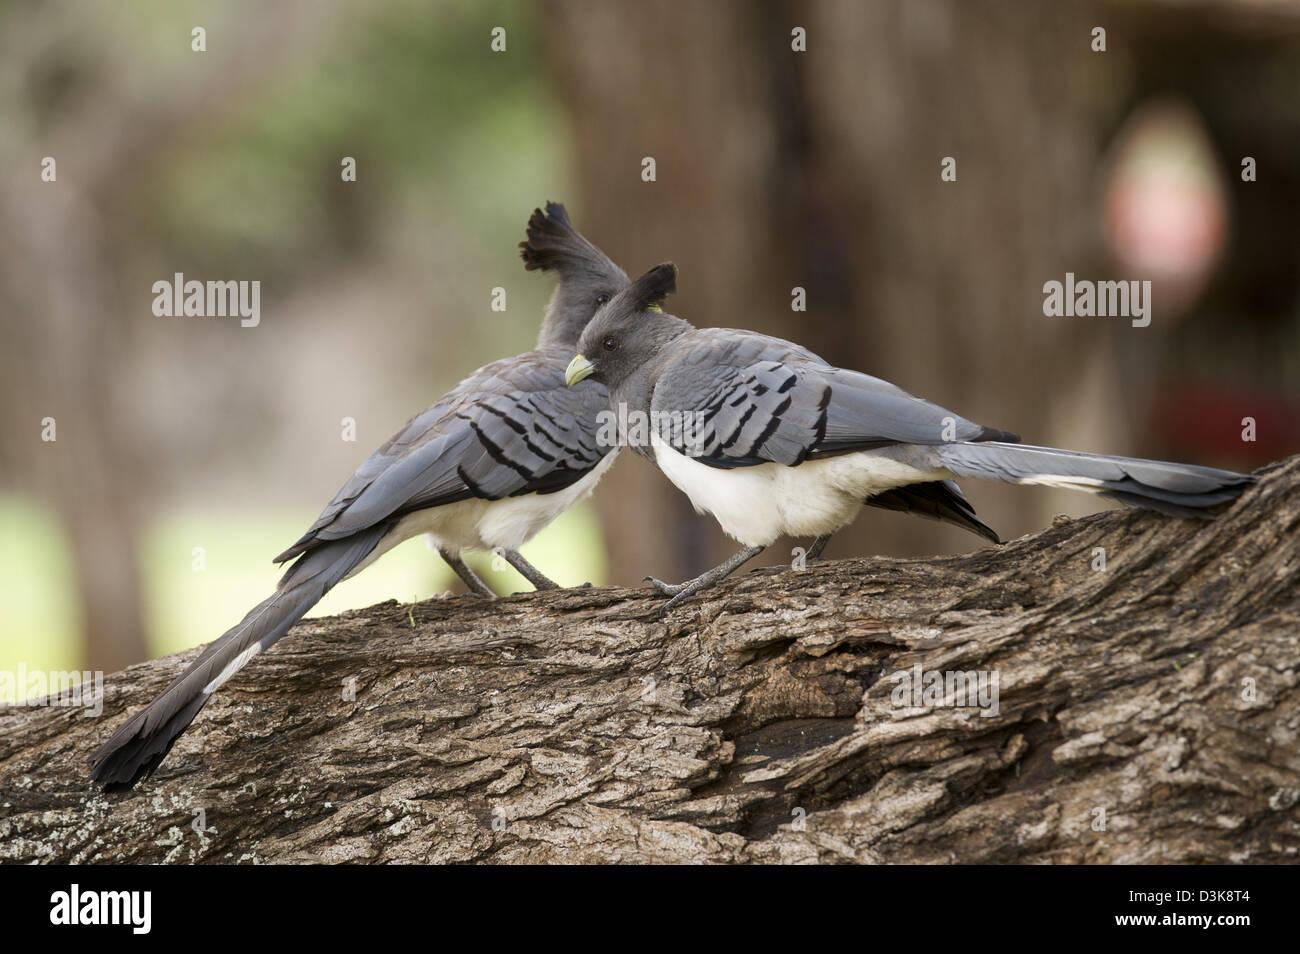 White-bellied go-away-bird, Criniferoides leucogaster, Selenkay Conservancy, Kenya - Stock Image